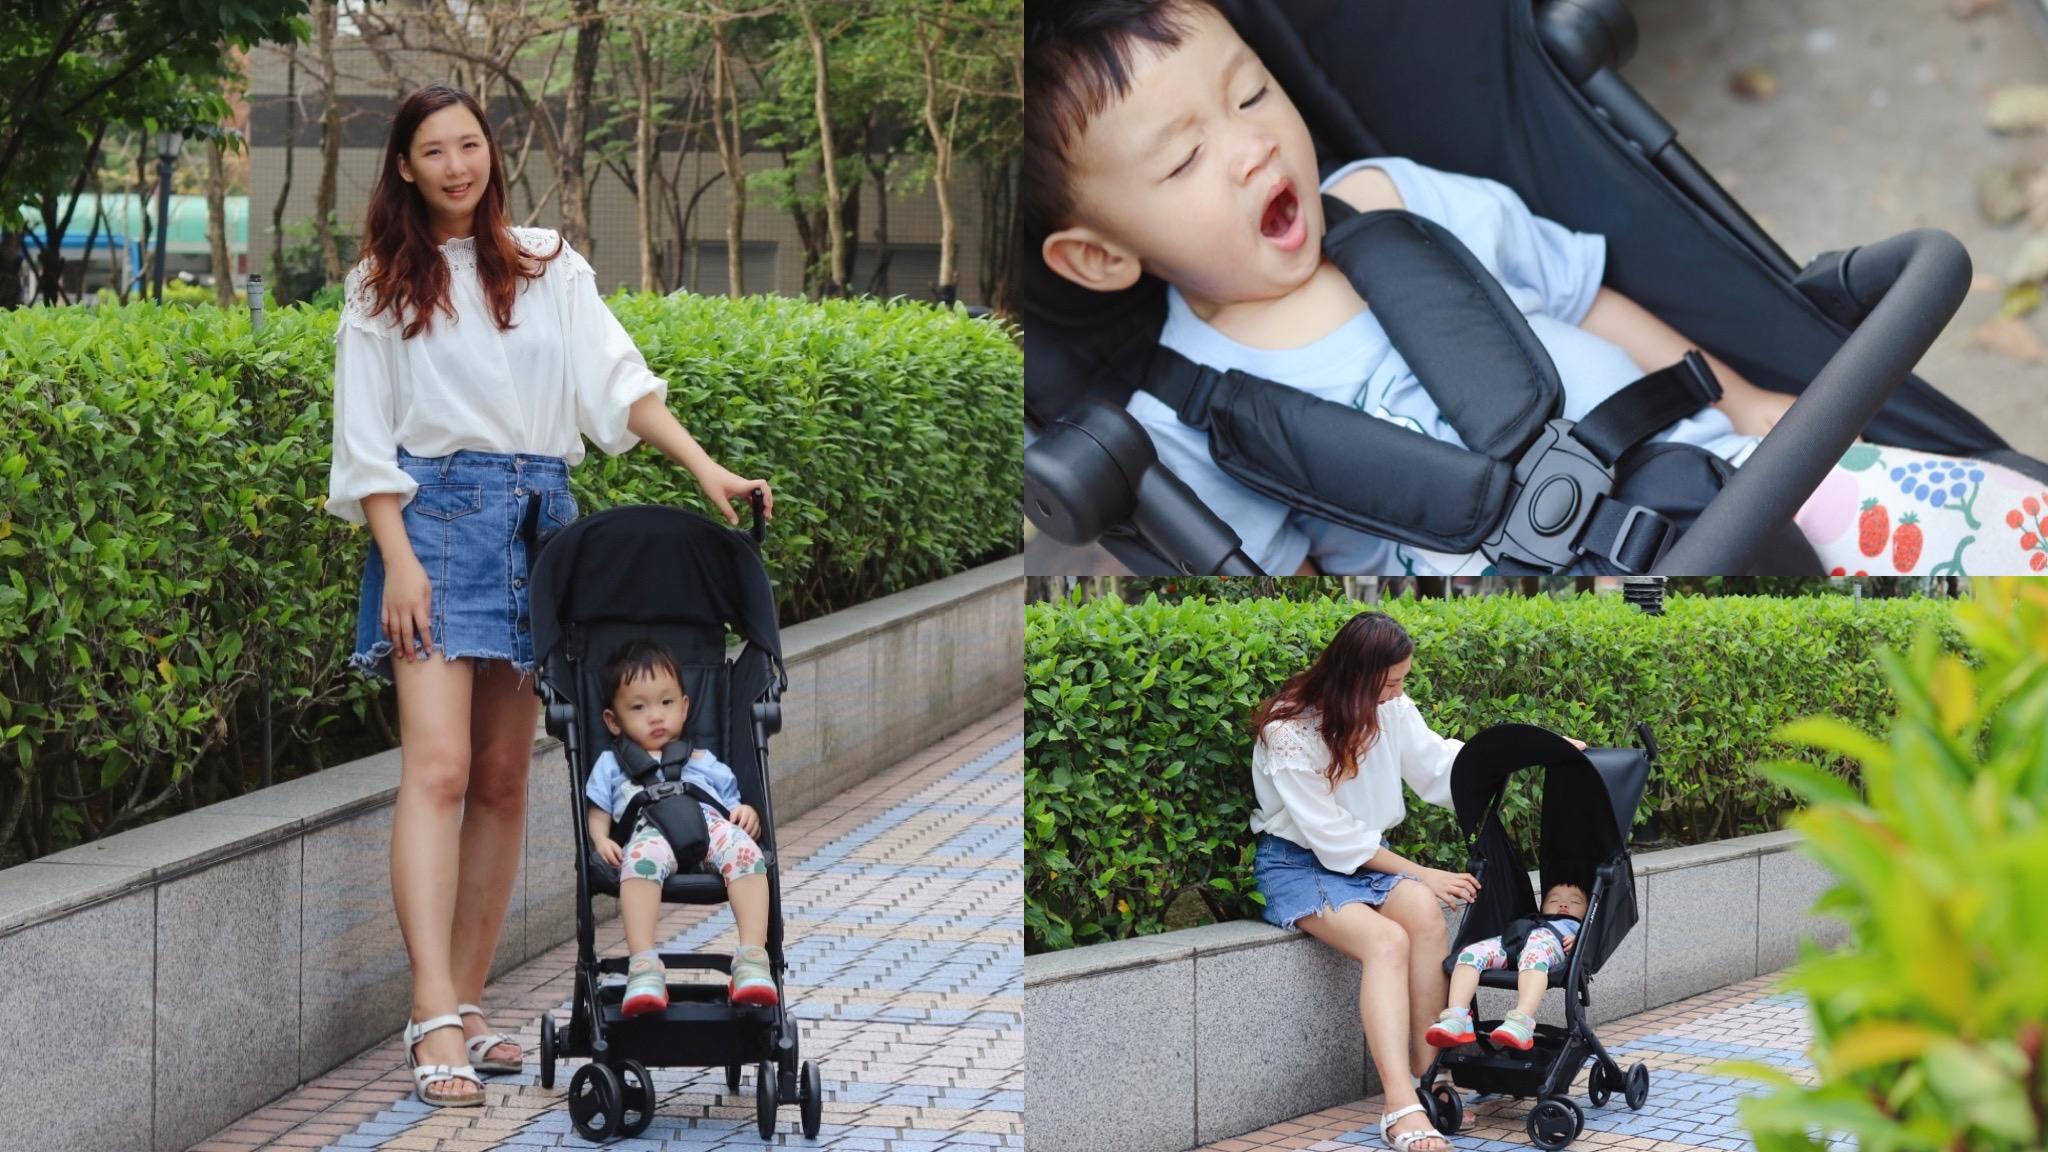 口袋推車推薦-LOVON推車,CUBIE口袋型手推嬰幼兒車。輕量可折疊,外型時尚! @艾比媽媽